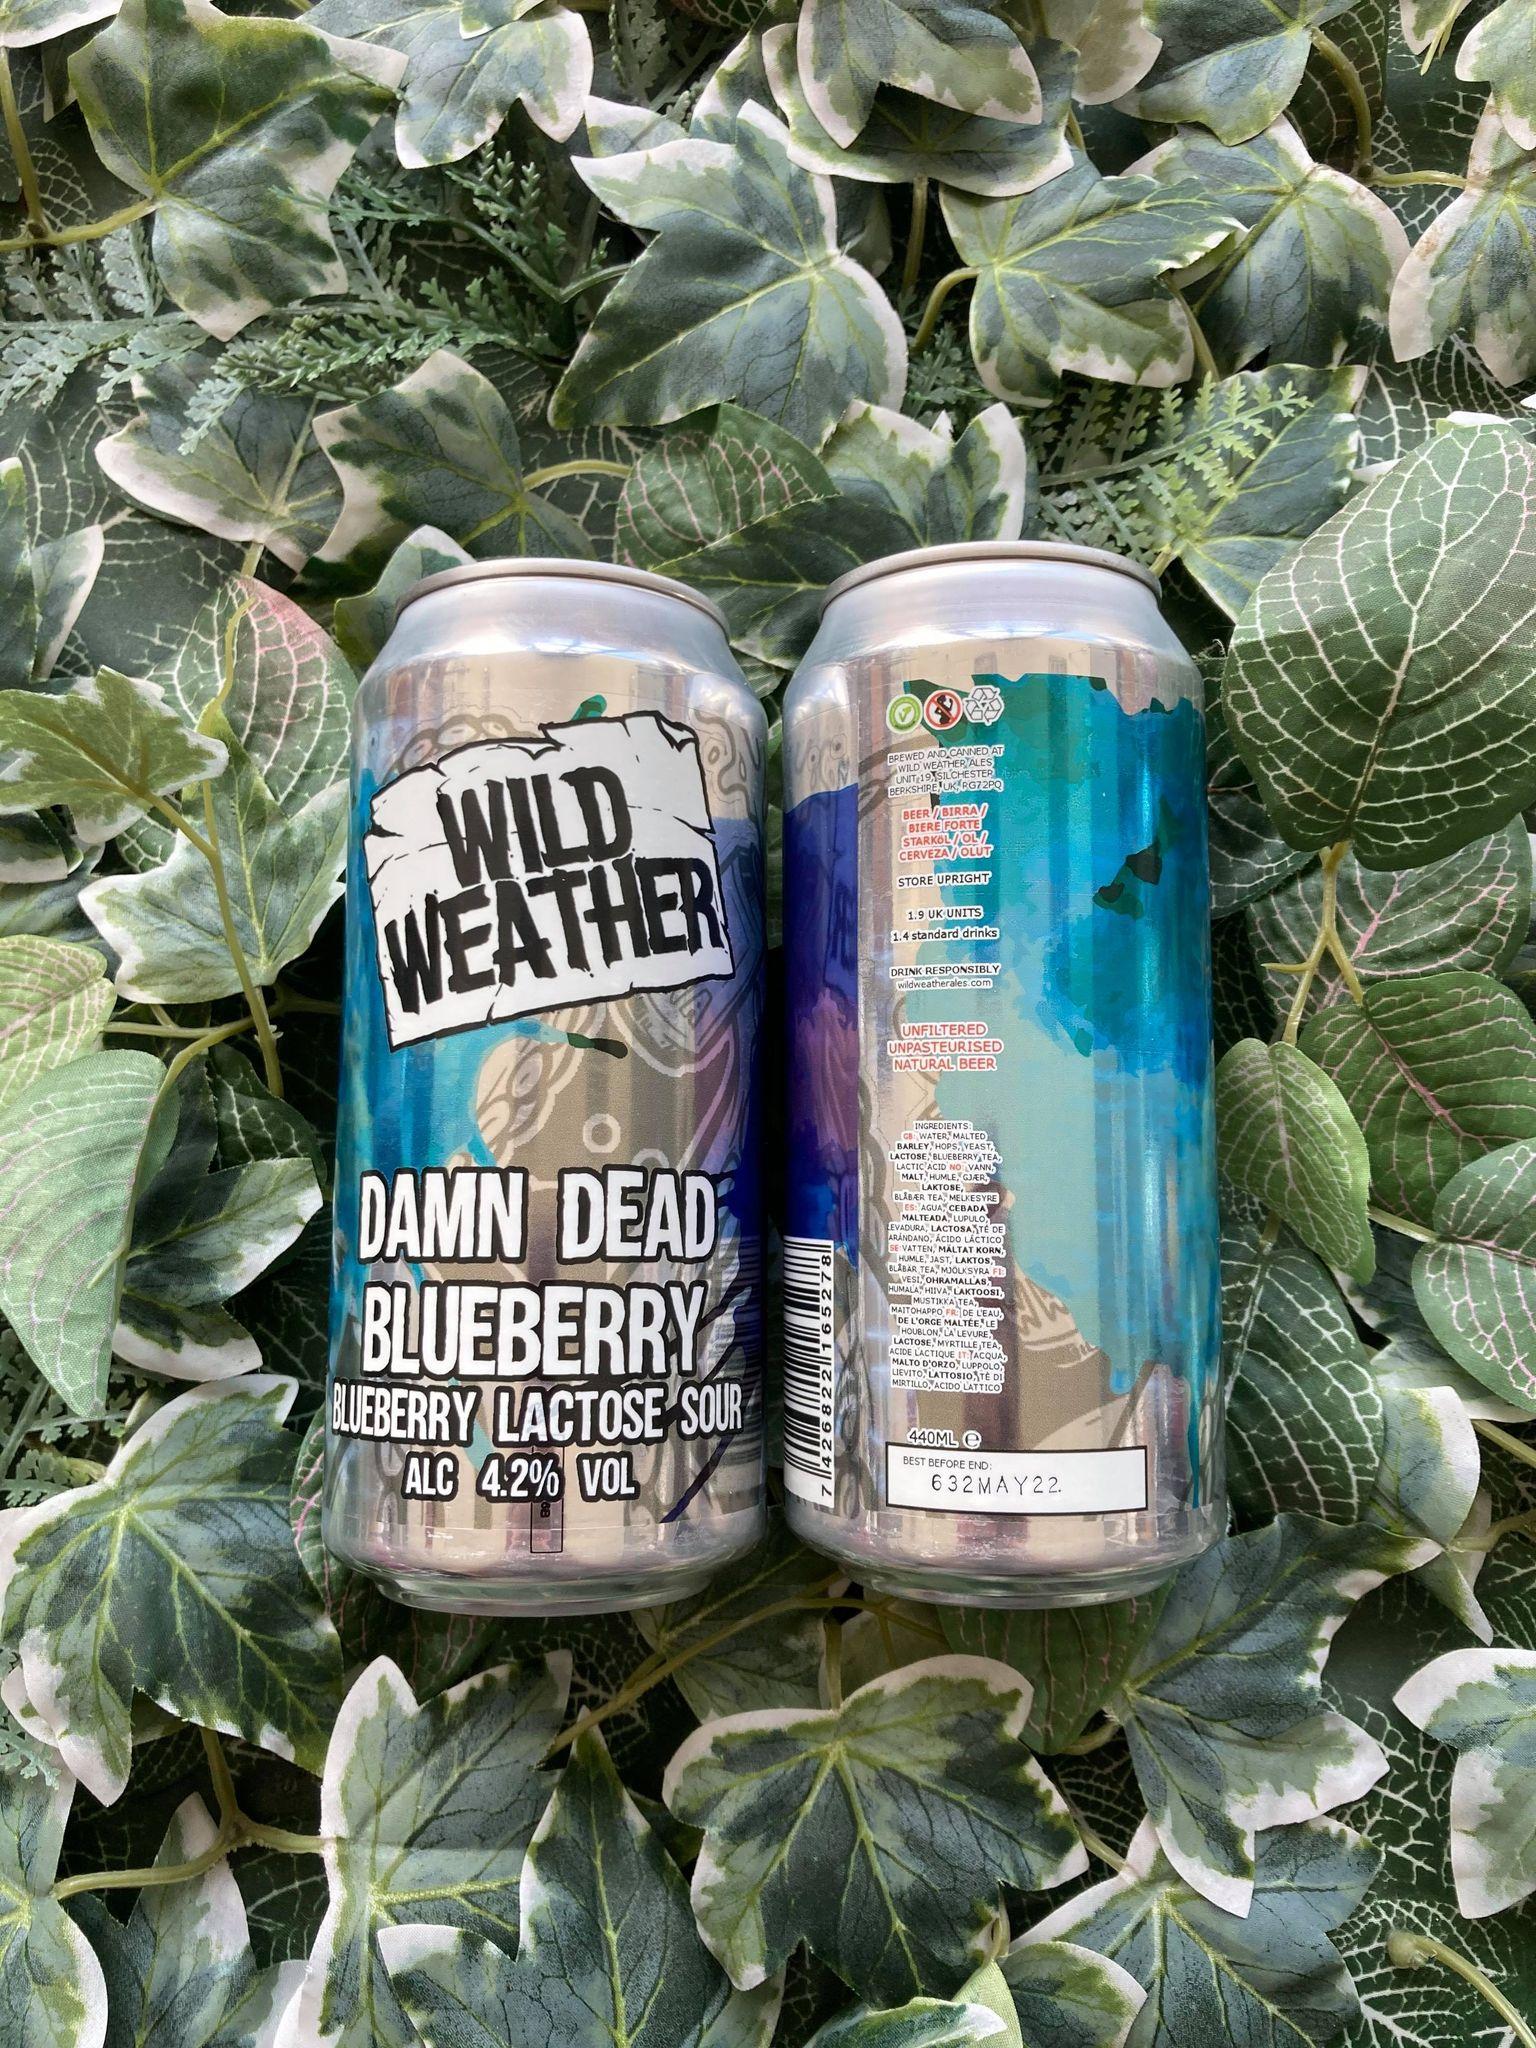 Wild Weather - Damn Dead Blueberry 4.2%